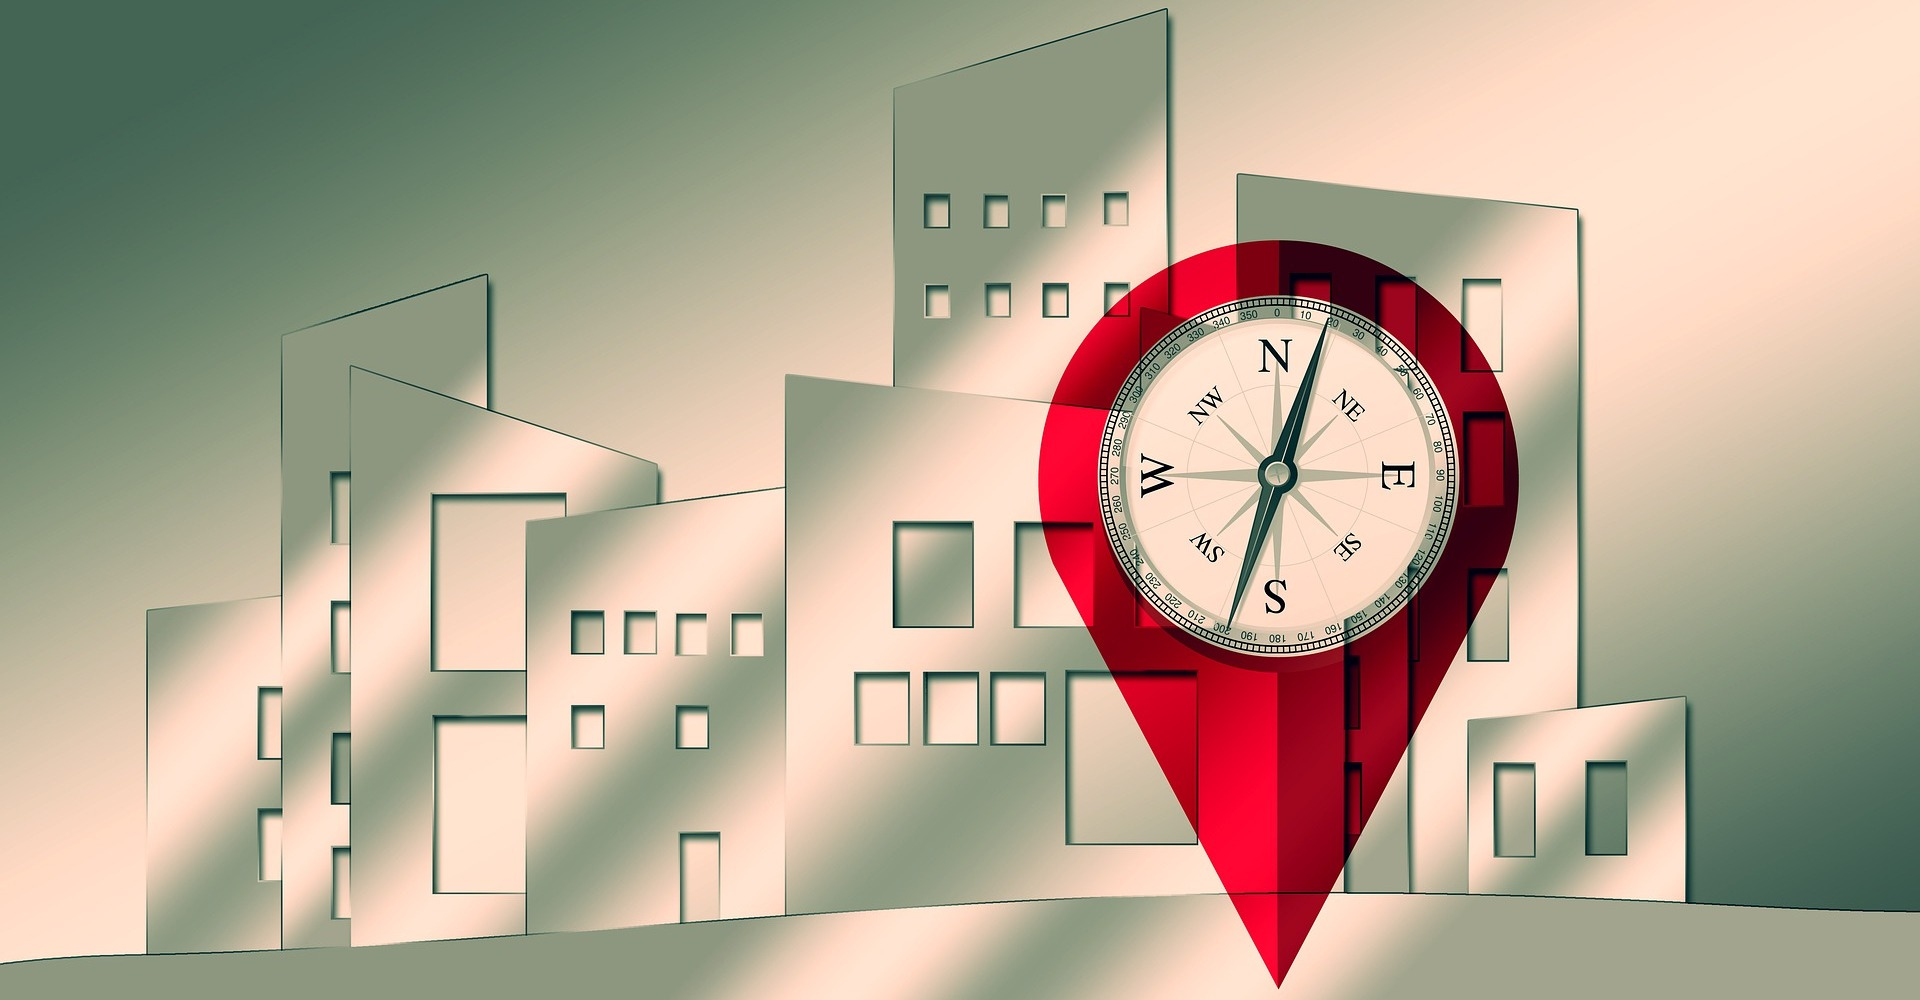 Karrierewechsel Home-Ex Immobilien Berufliche Neuorientierung